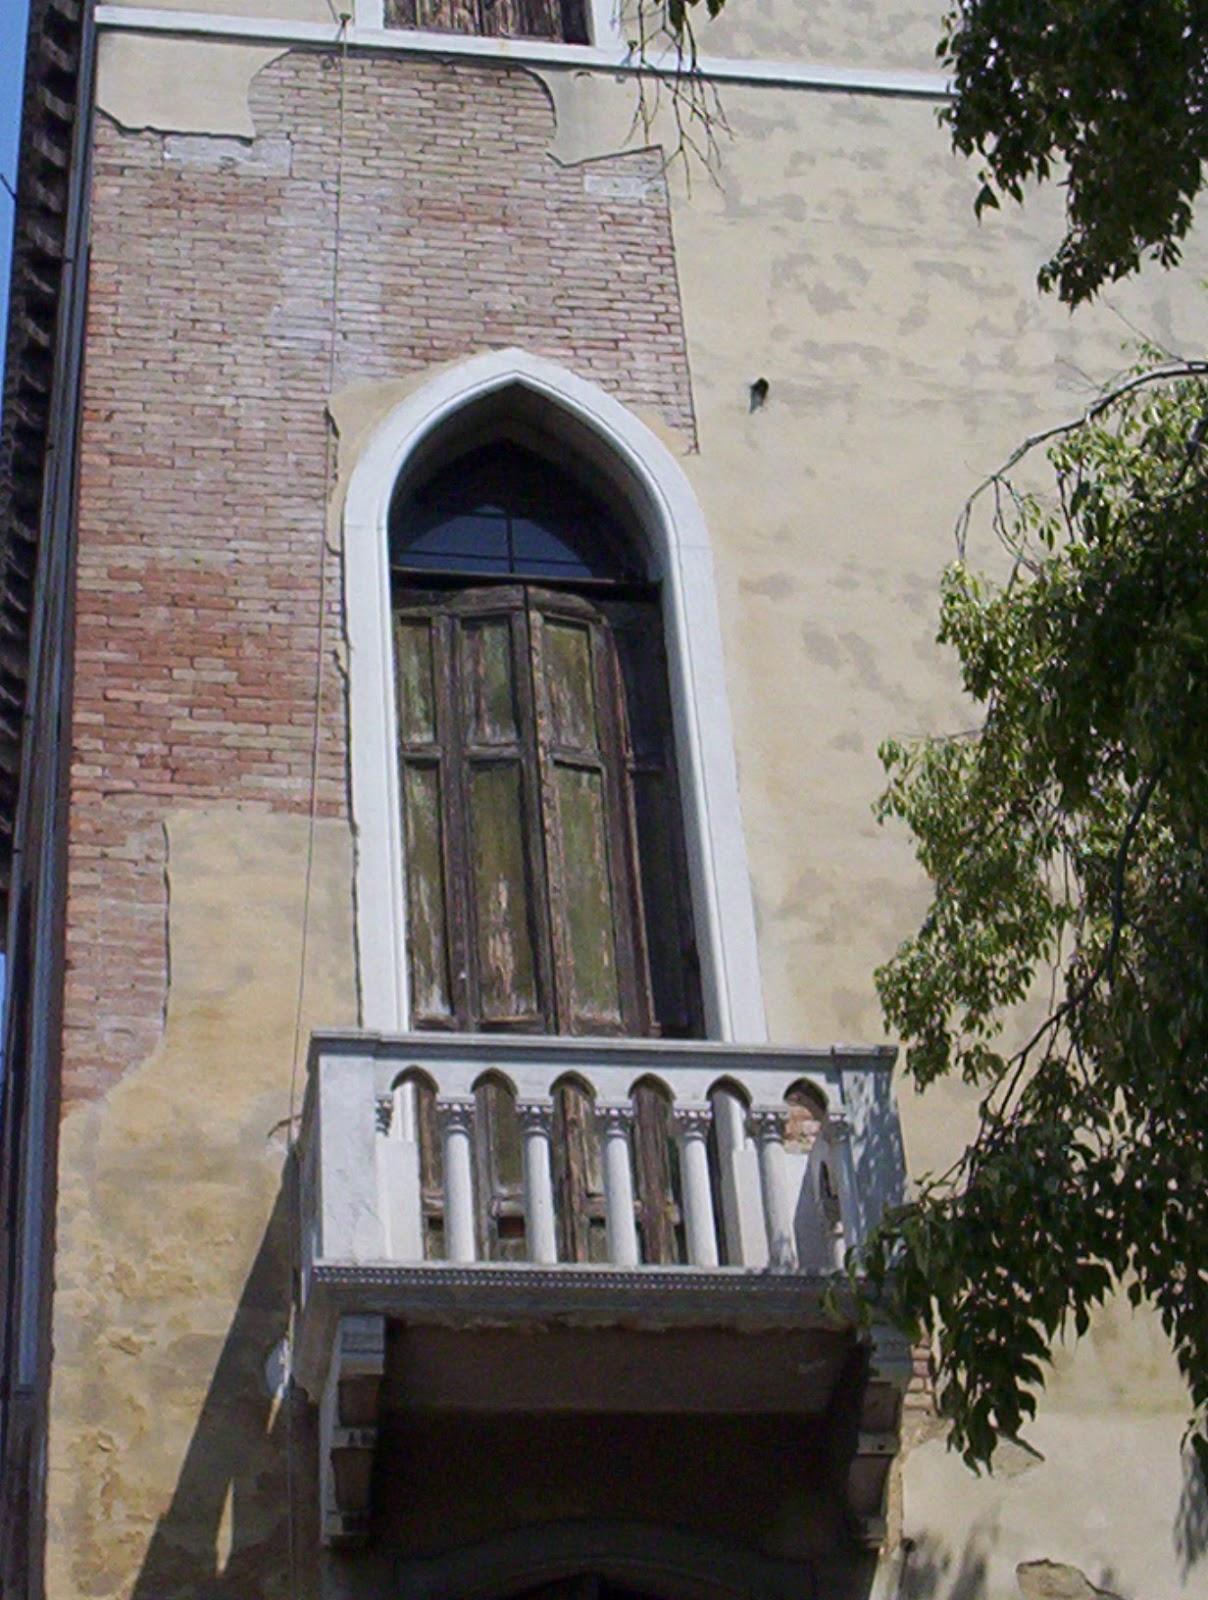 Romio-and-Juliet-Balcony-Venice-Italy-2006-Sealiberty